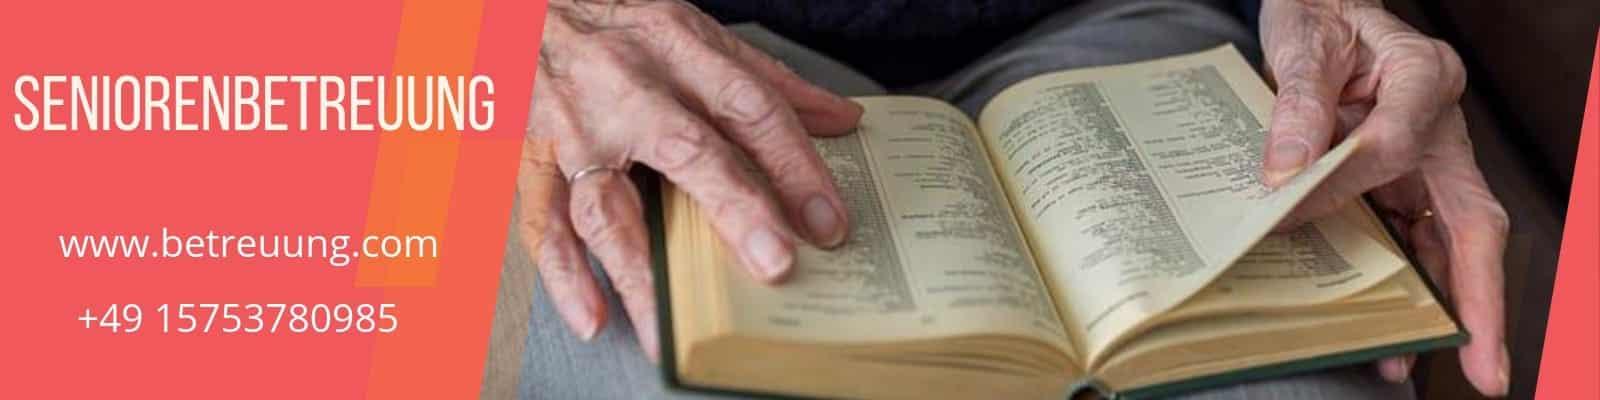 Seniorenbetreuung-Demenzkranke